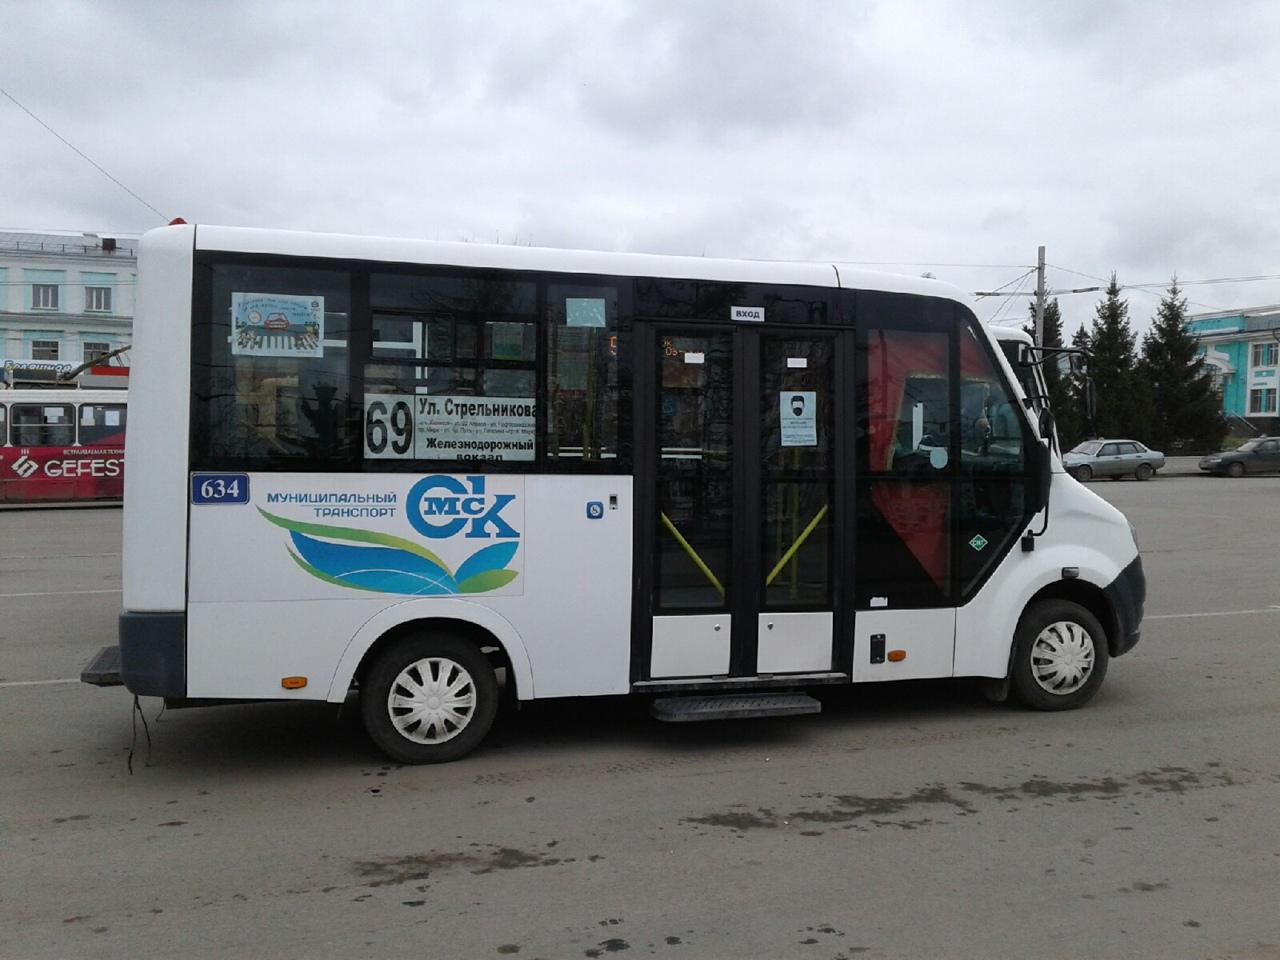 В Омске сегодня изменились два автобусных маршрута #Новости #Общество #Омск